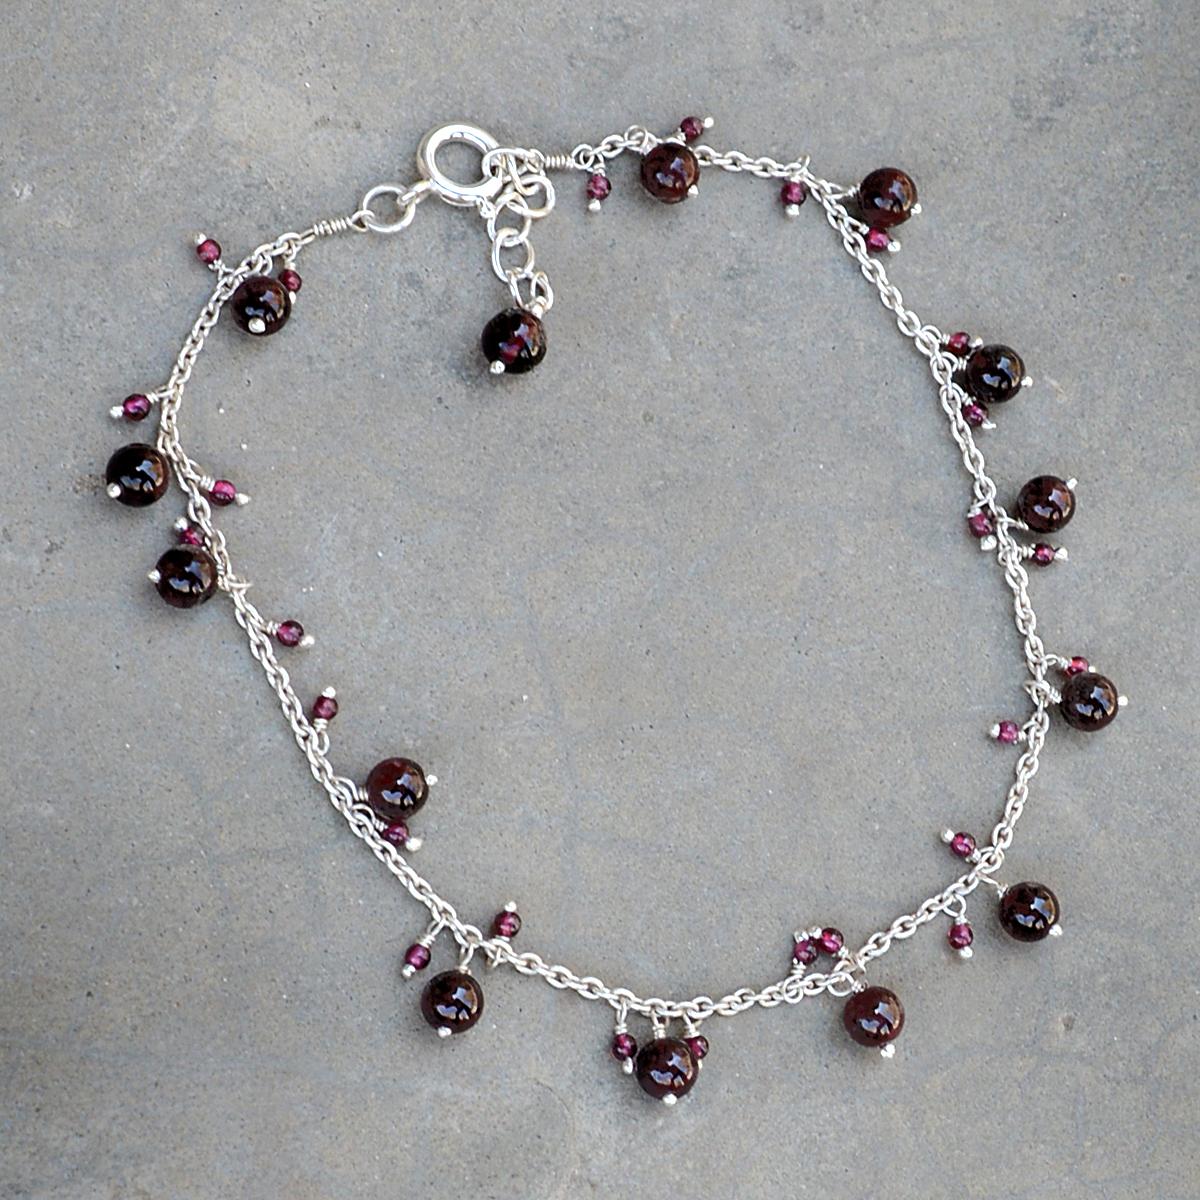 Rhodolite Garnet Silver Anklet PG-156291